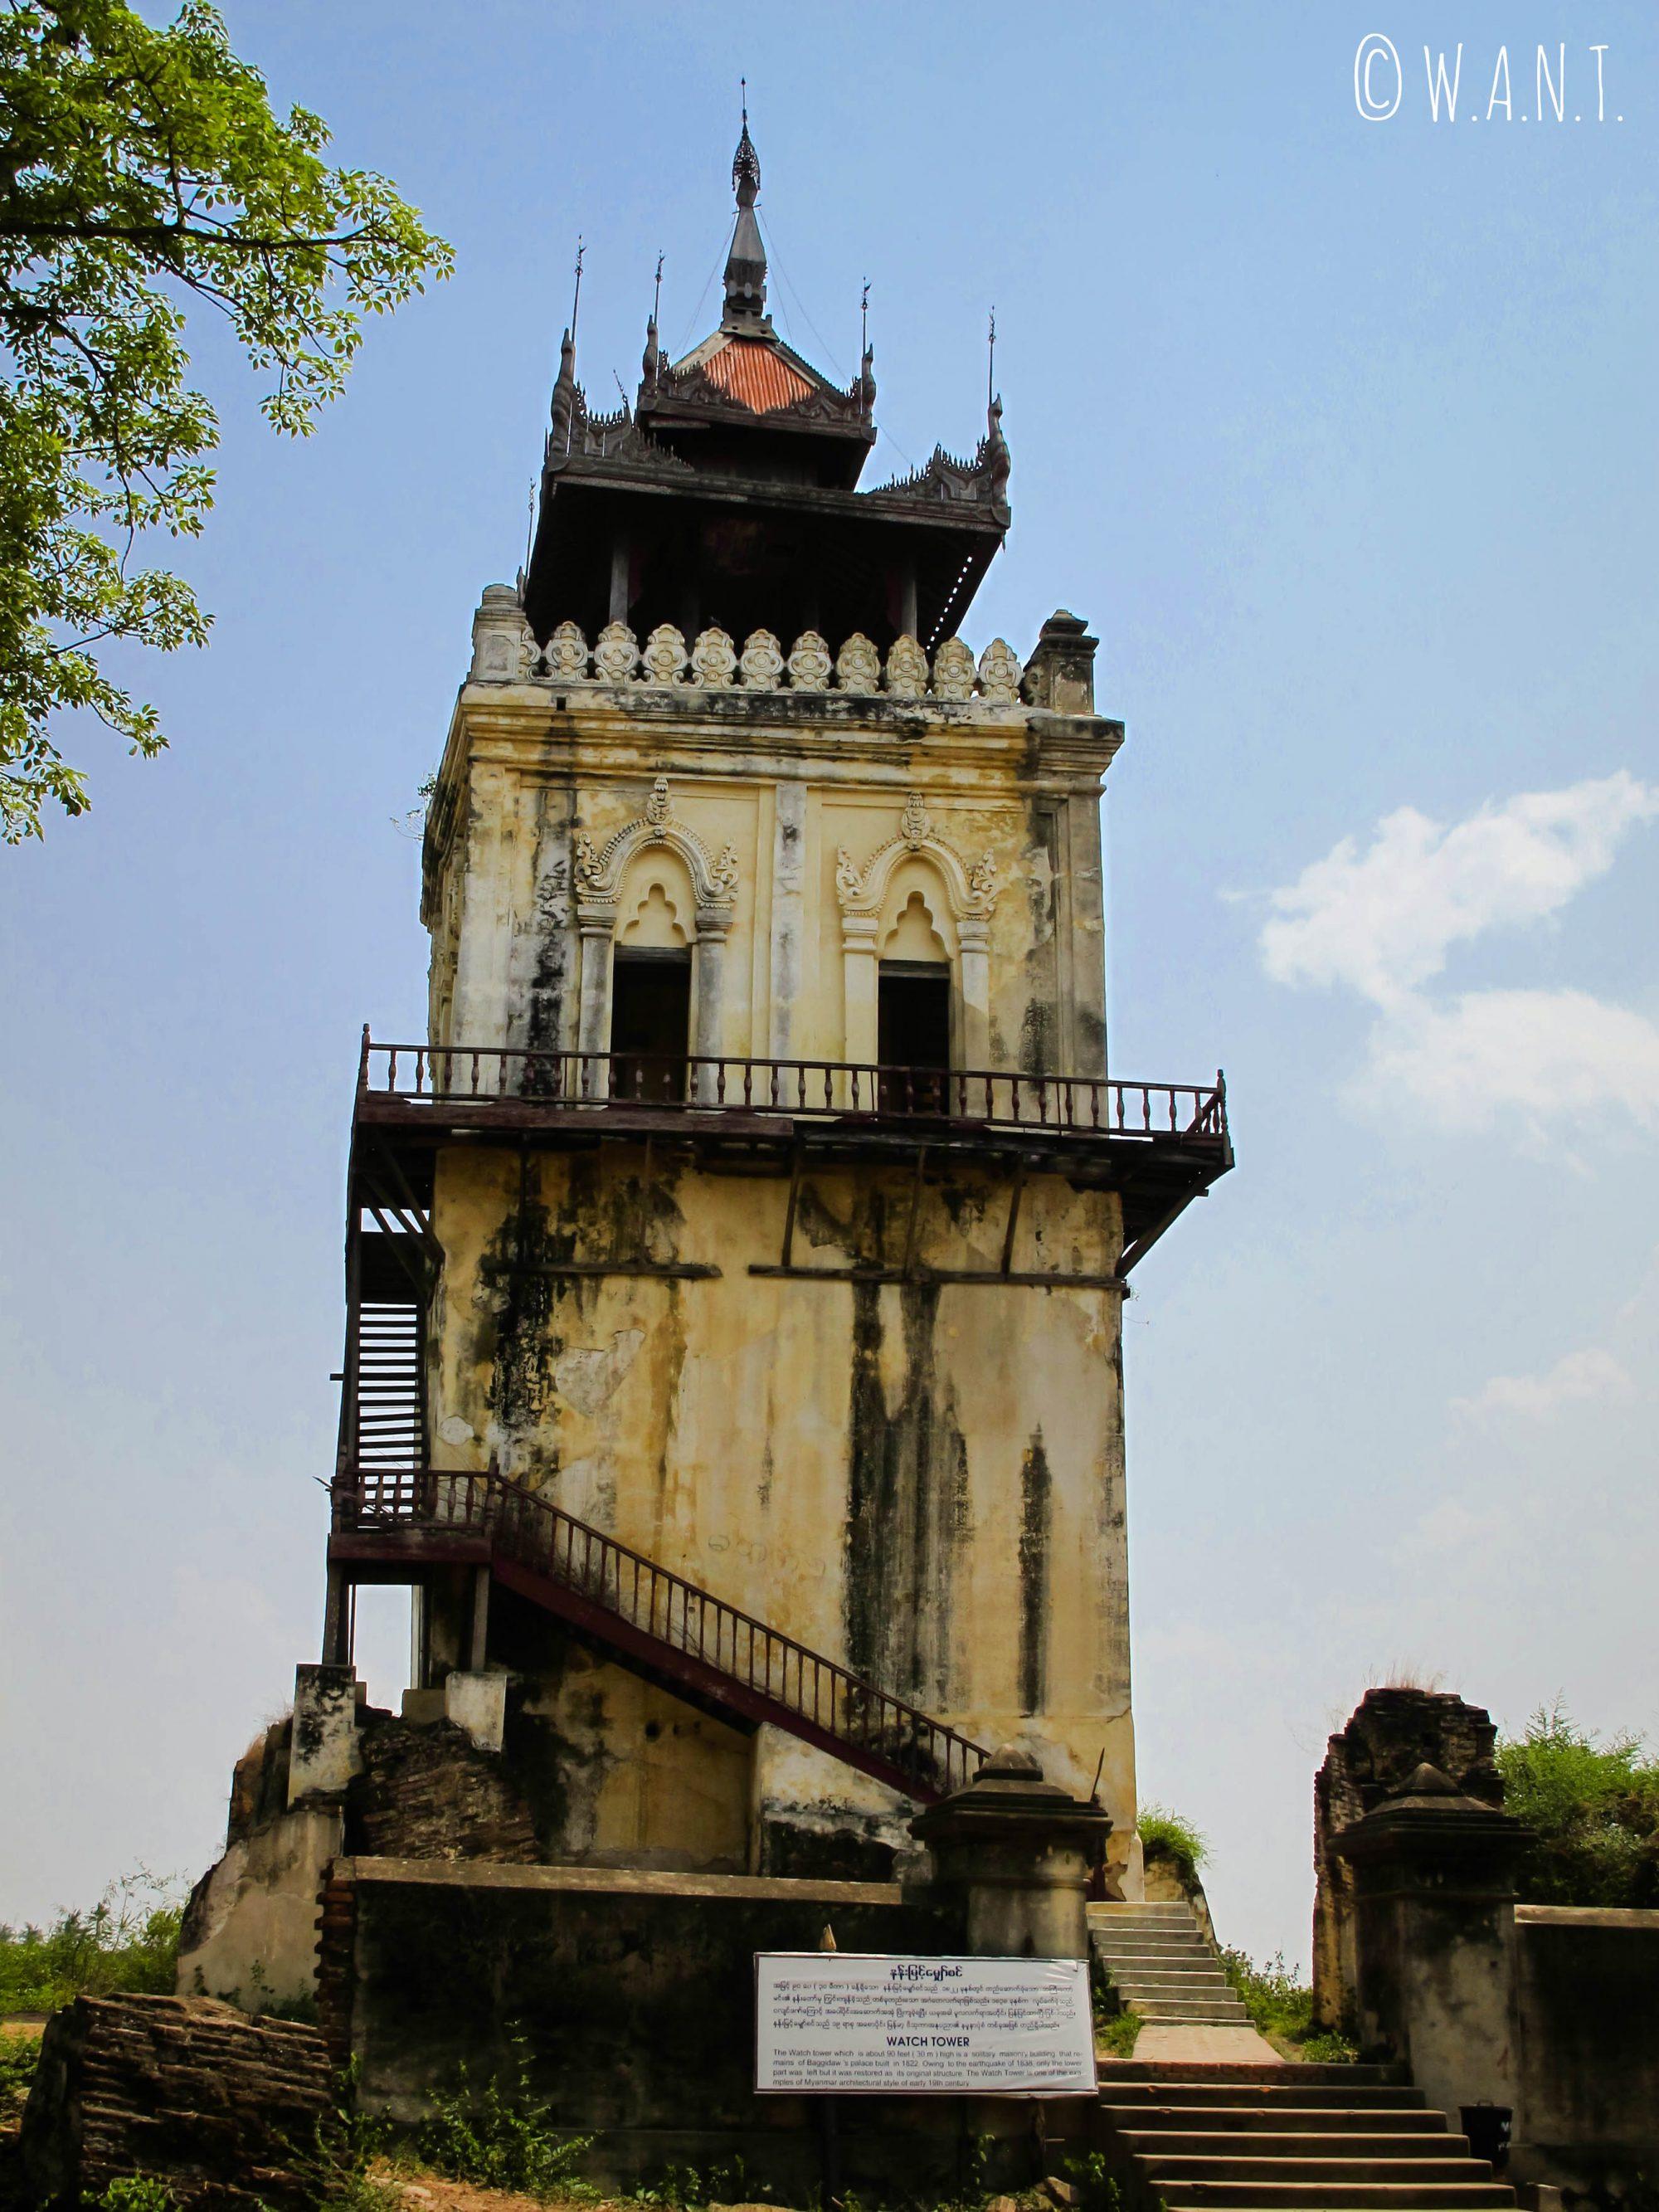 Tour de l'horloge sur l'île d'Ava